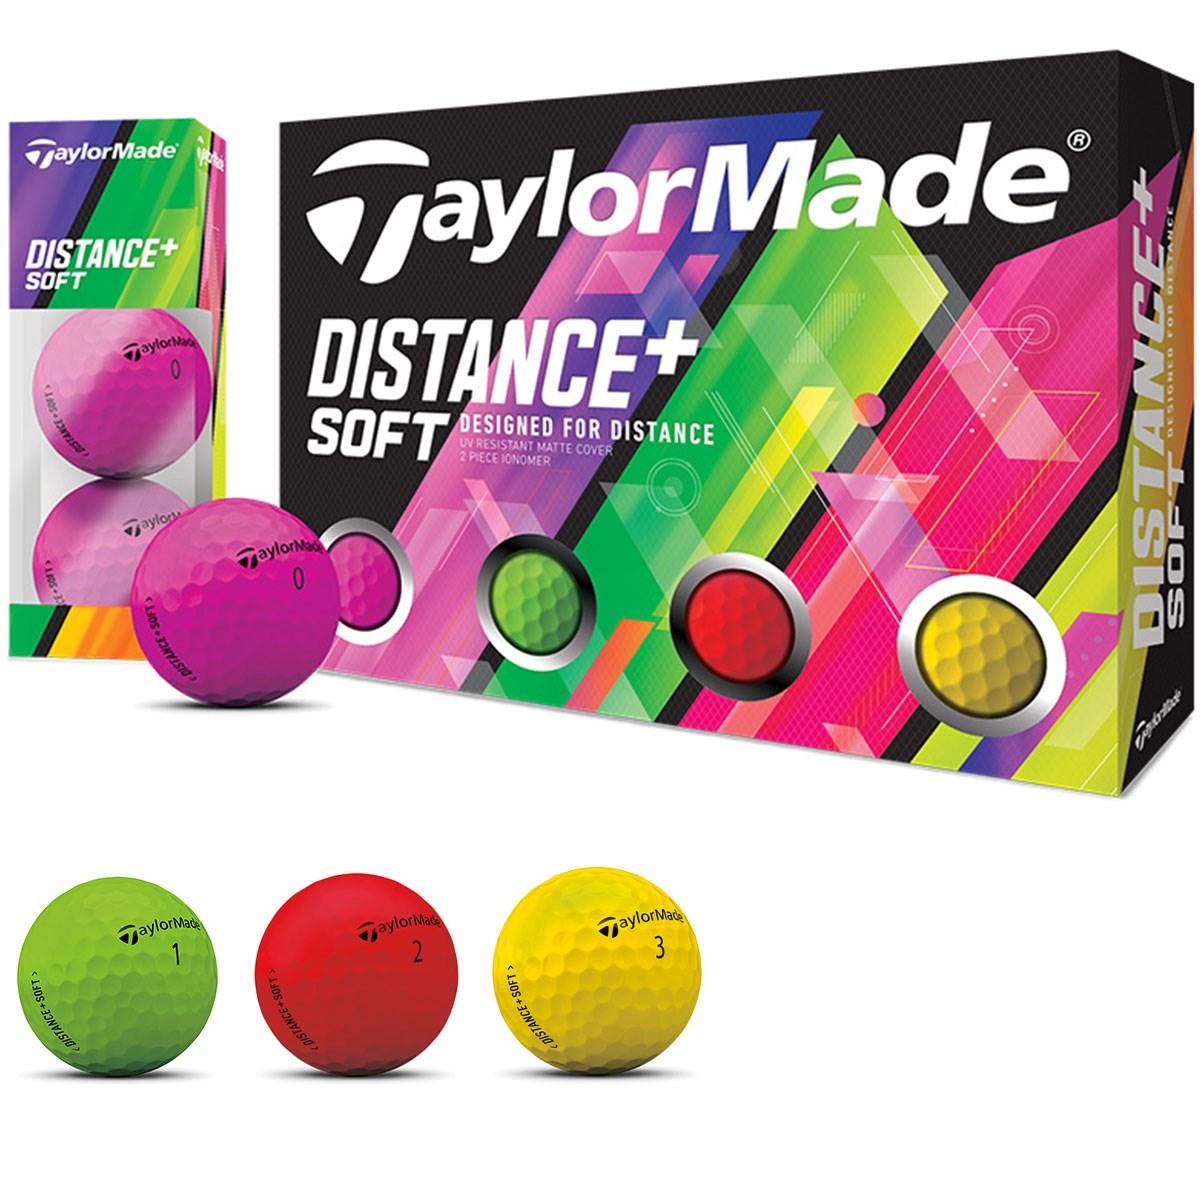 テーラーメイド Distance+ ソフト マルチカラーボール(1スリーブ)